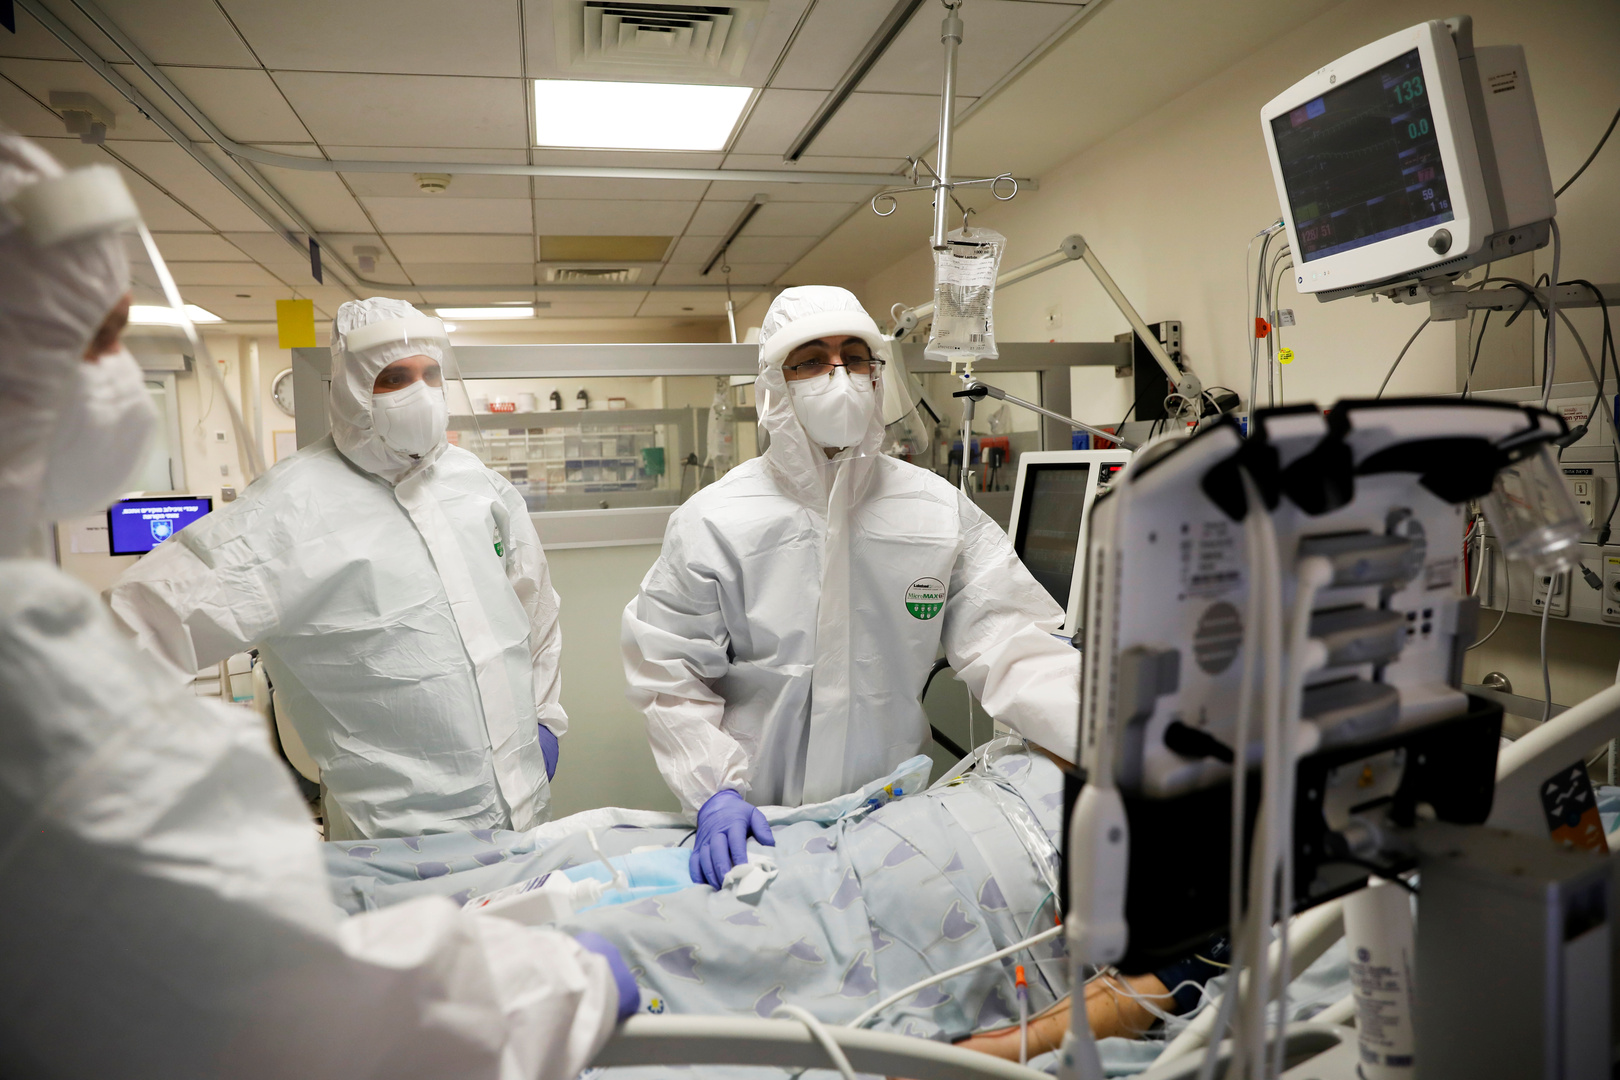 إسرائيل تسجل أعلى حصيلة يومية بإصابات كورونا بلغت 6861 حالة